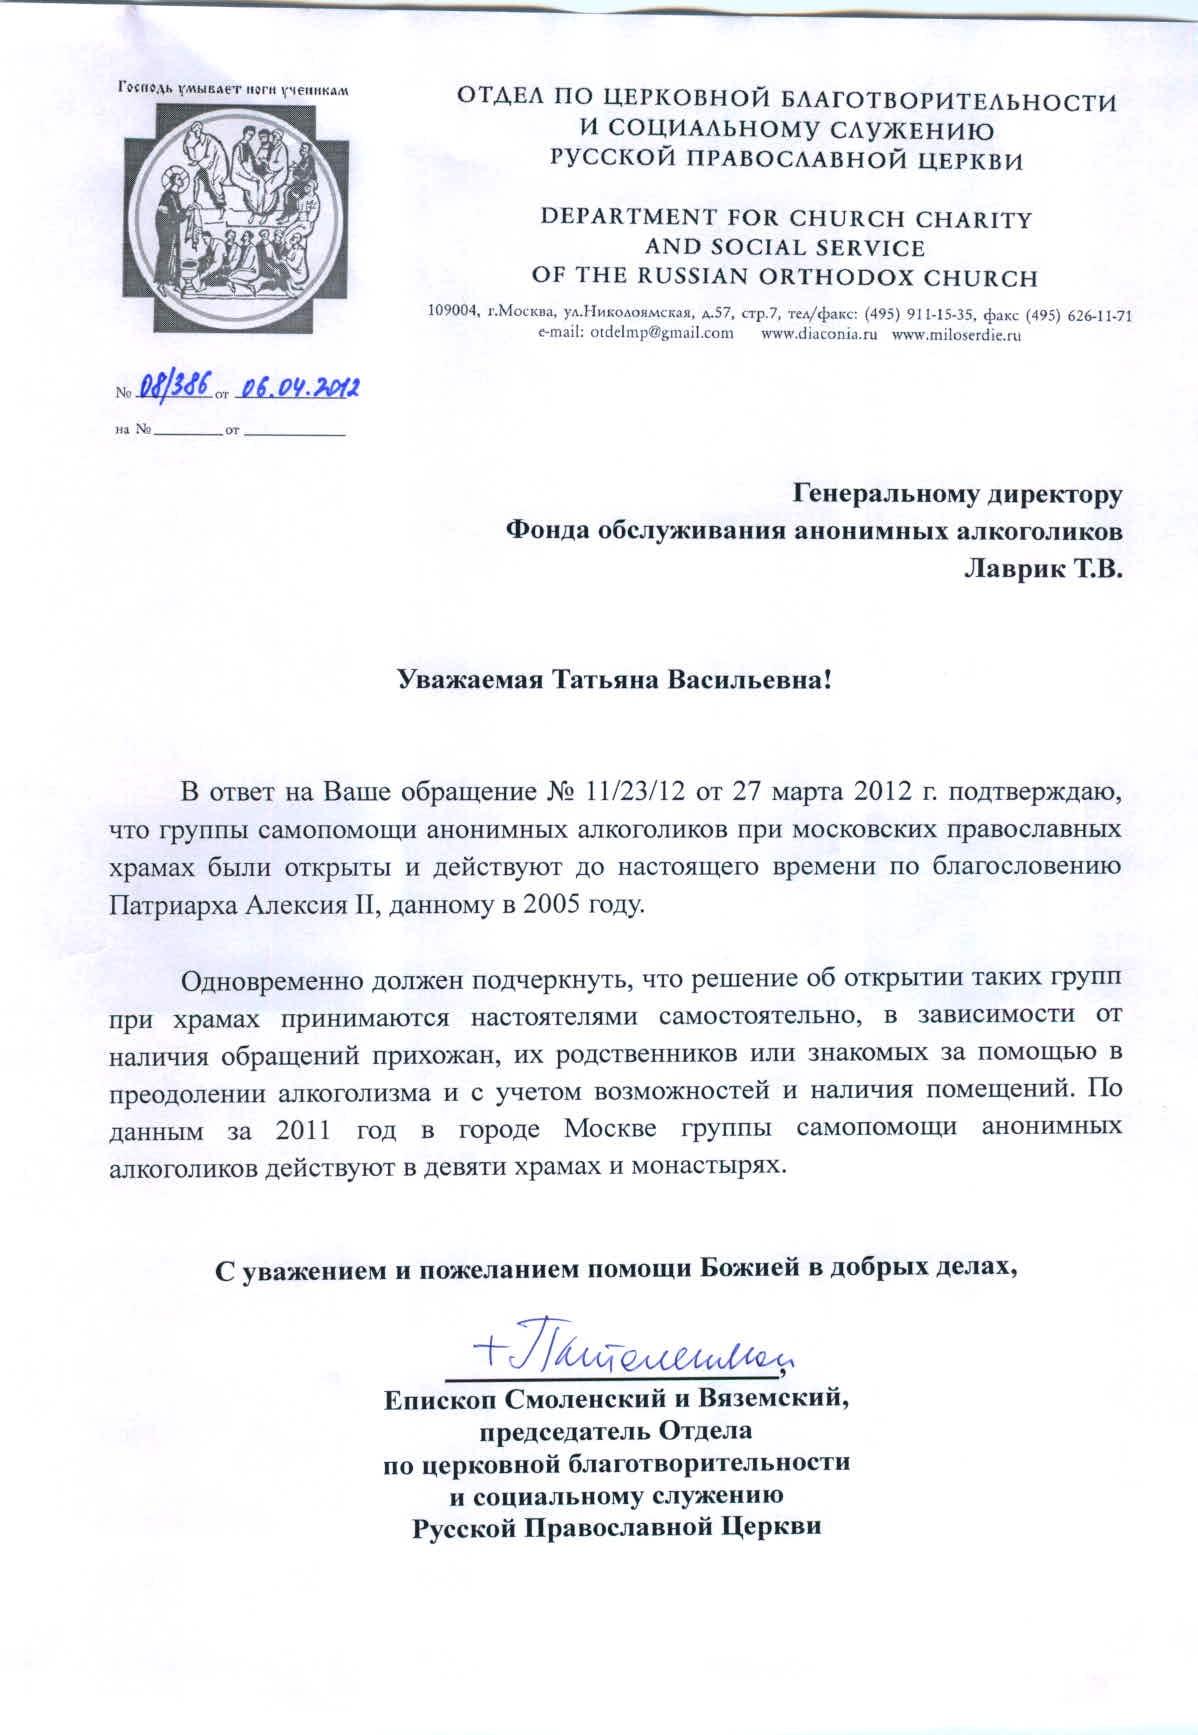 Программа 12 шагов анонимных алкоголиков москва реабилитация наркозависимых санкт-петербург